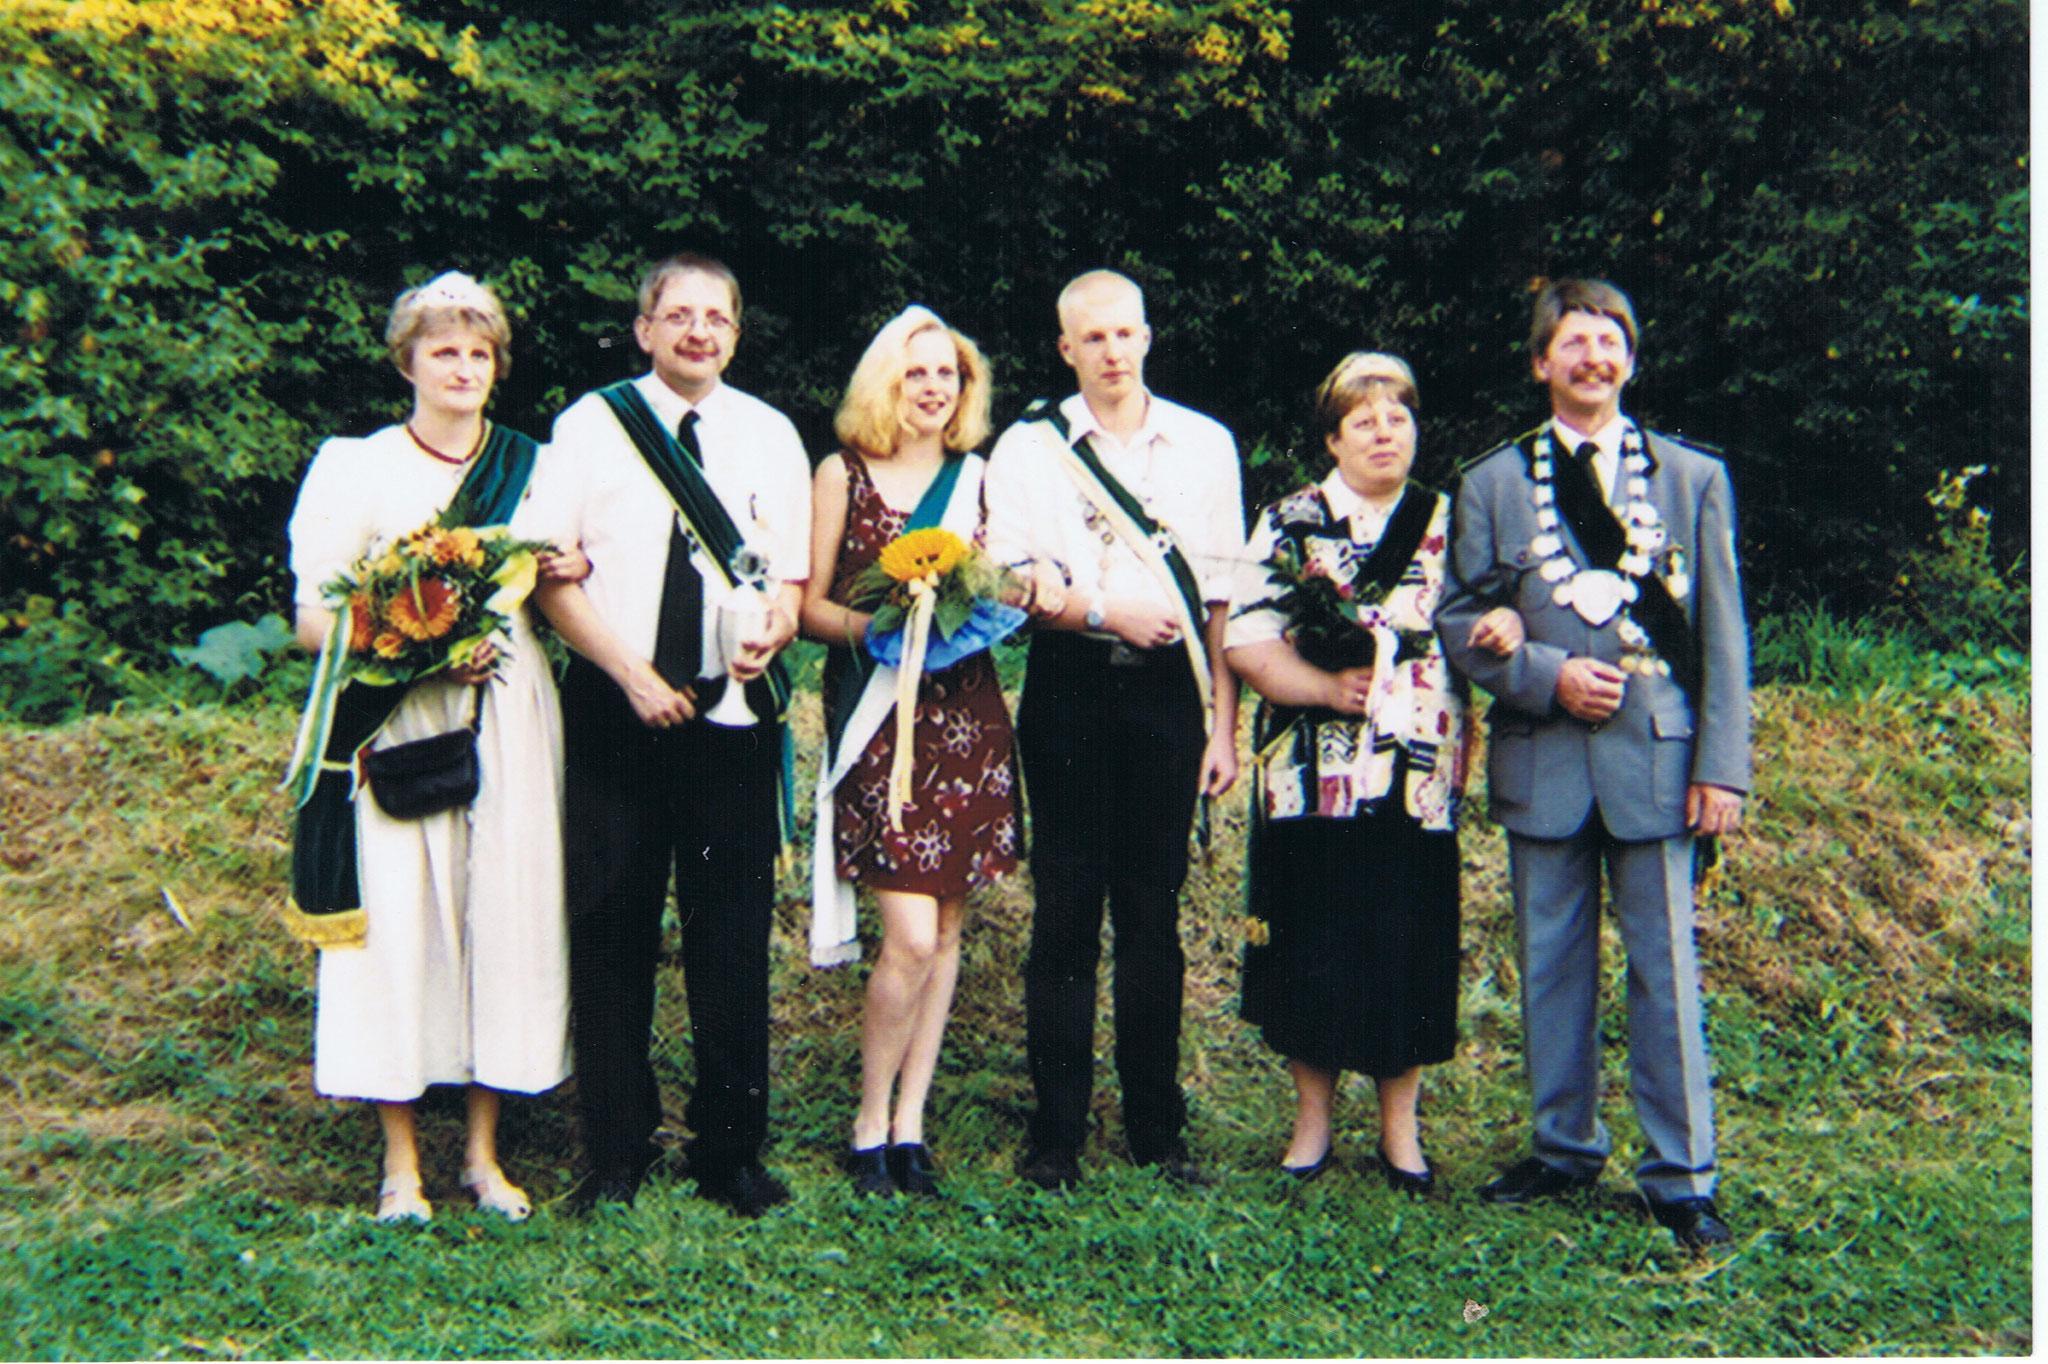 Majestäten im Jubiläumsjahr 1999: v.l.n.r. Steffi und Ludwig Amos (Jubelkönig 1999), Nadine Homrighausen und Sebastian Meister (Jugendkönigspaar), Doris und Heinrich Amos (Jubel- Kaiser)